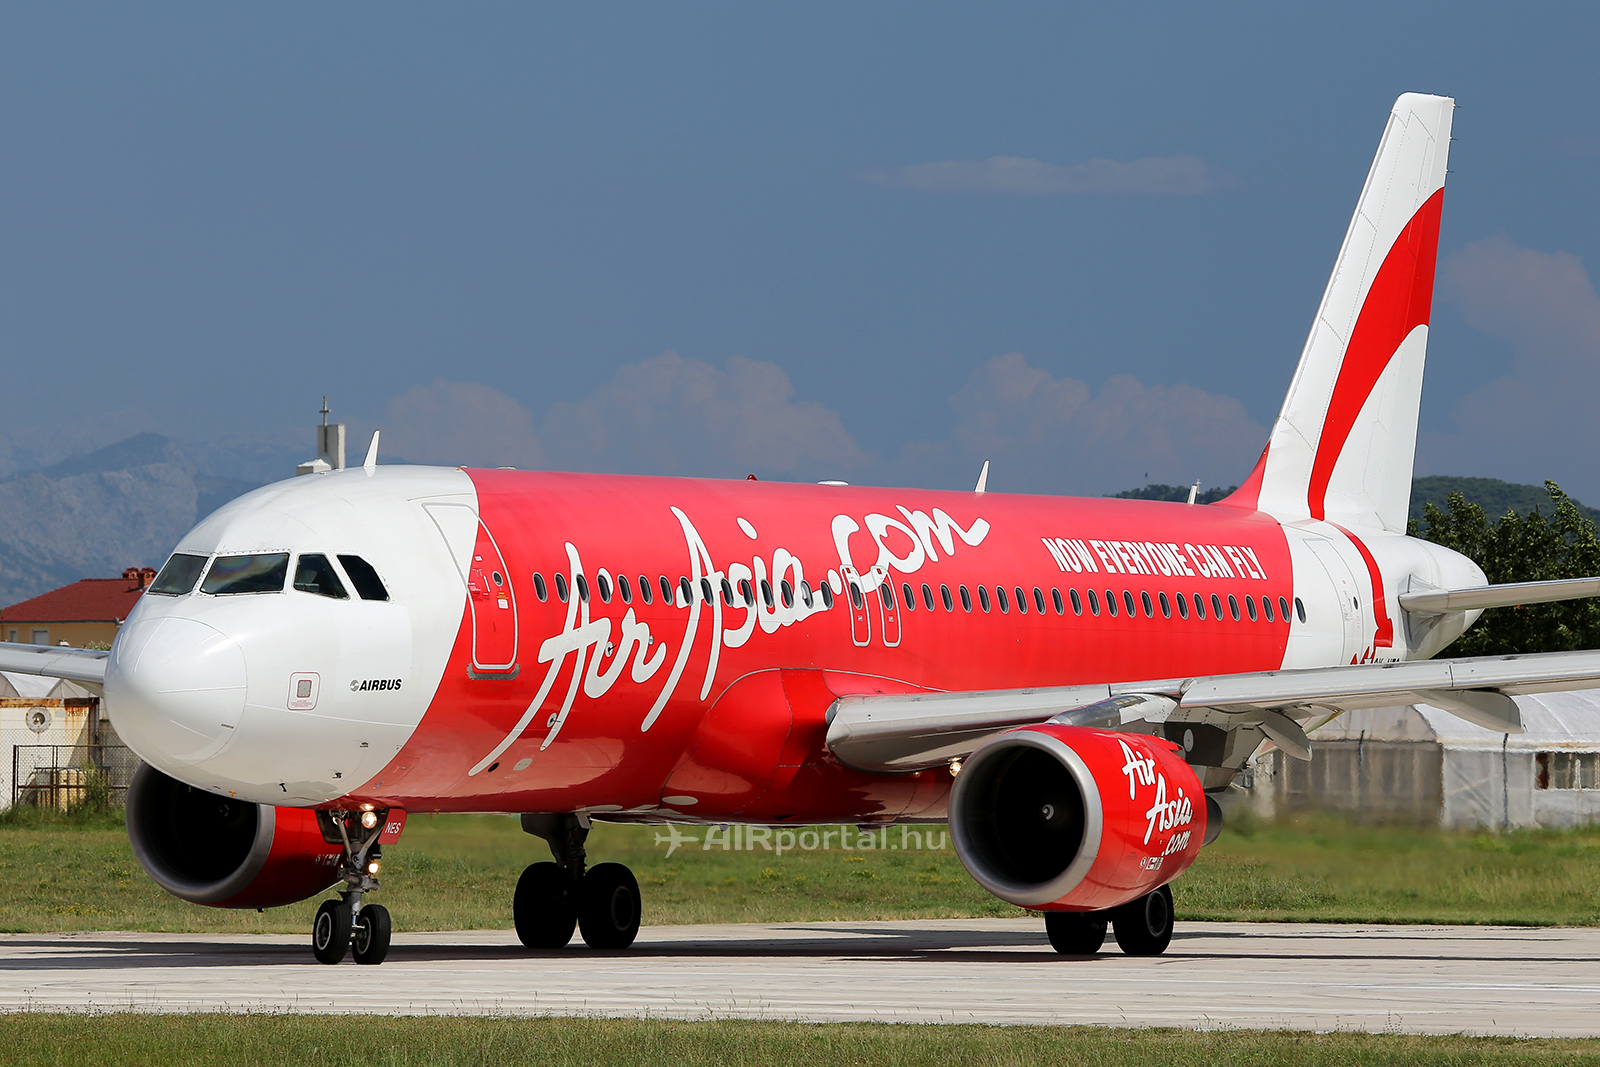 Egy ehhez hasonló repülőgép tűnt el vasárnap hajnalban. (Fotó: AIRportal.hu) | © AIRportal.hu